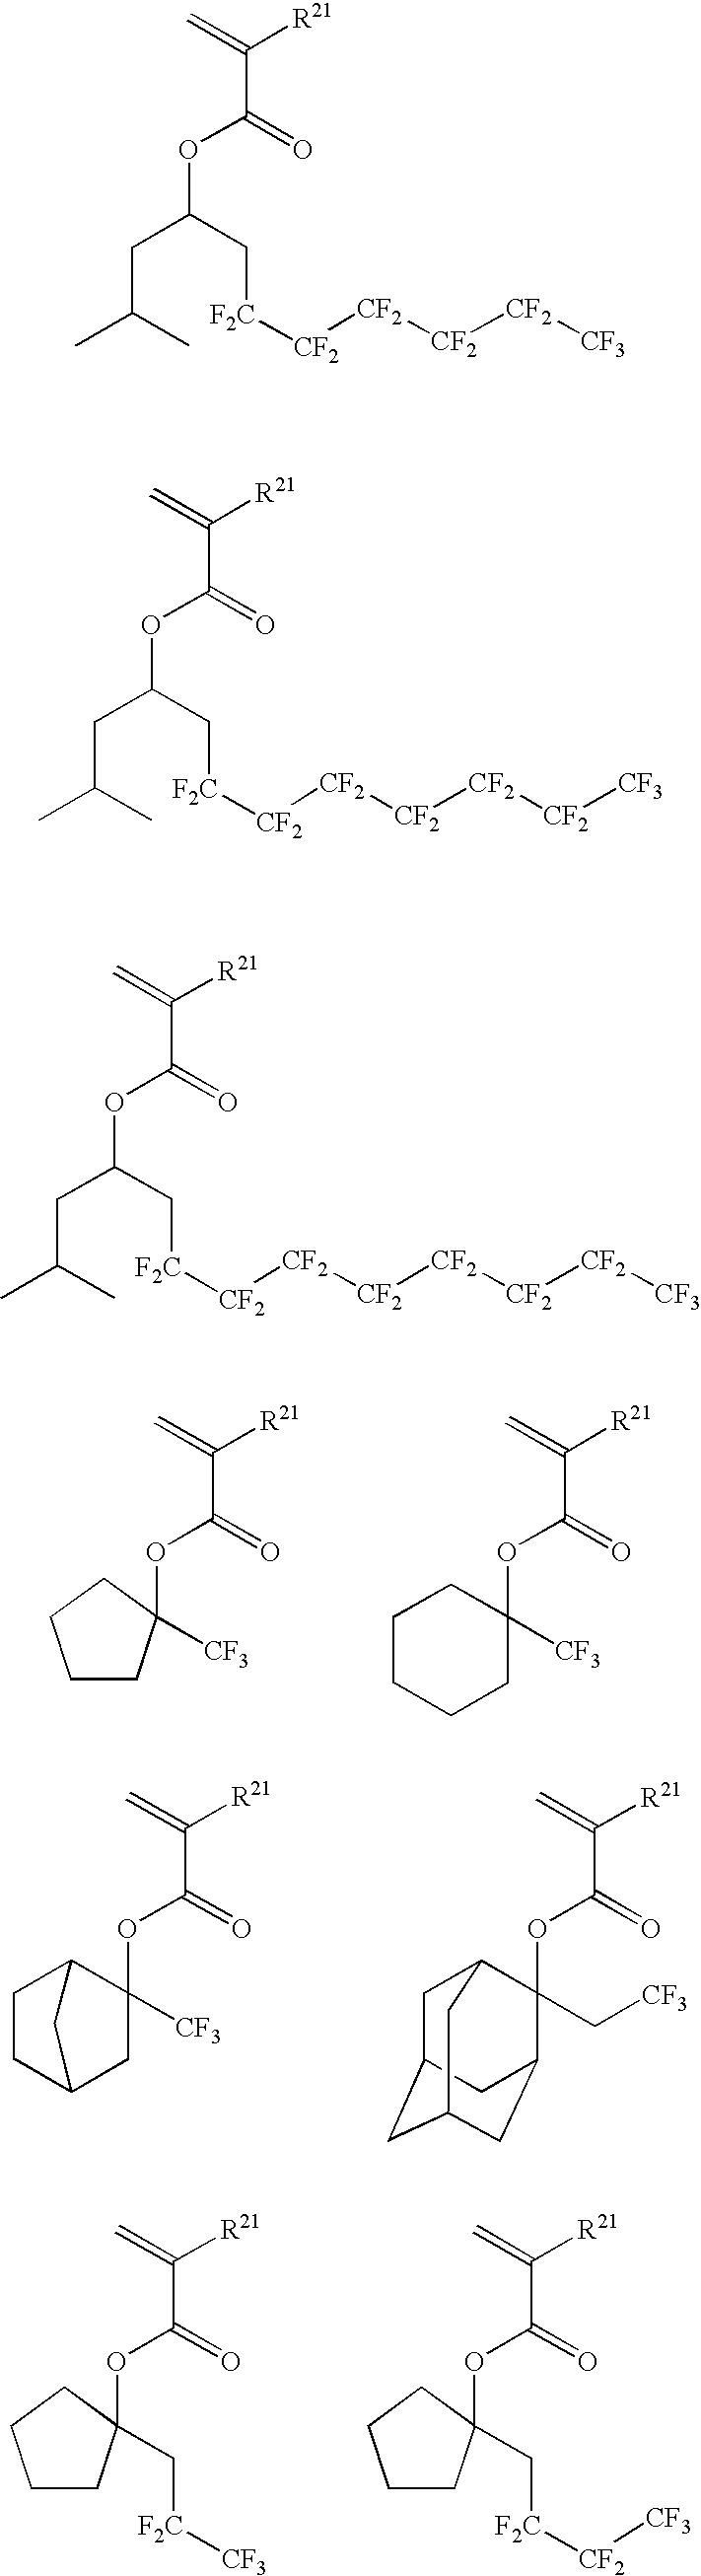 Figure US20100178617A1-20100715-C00068